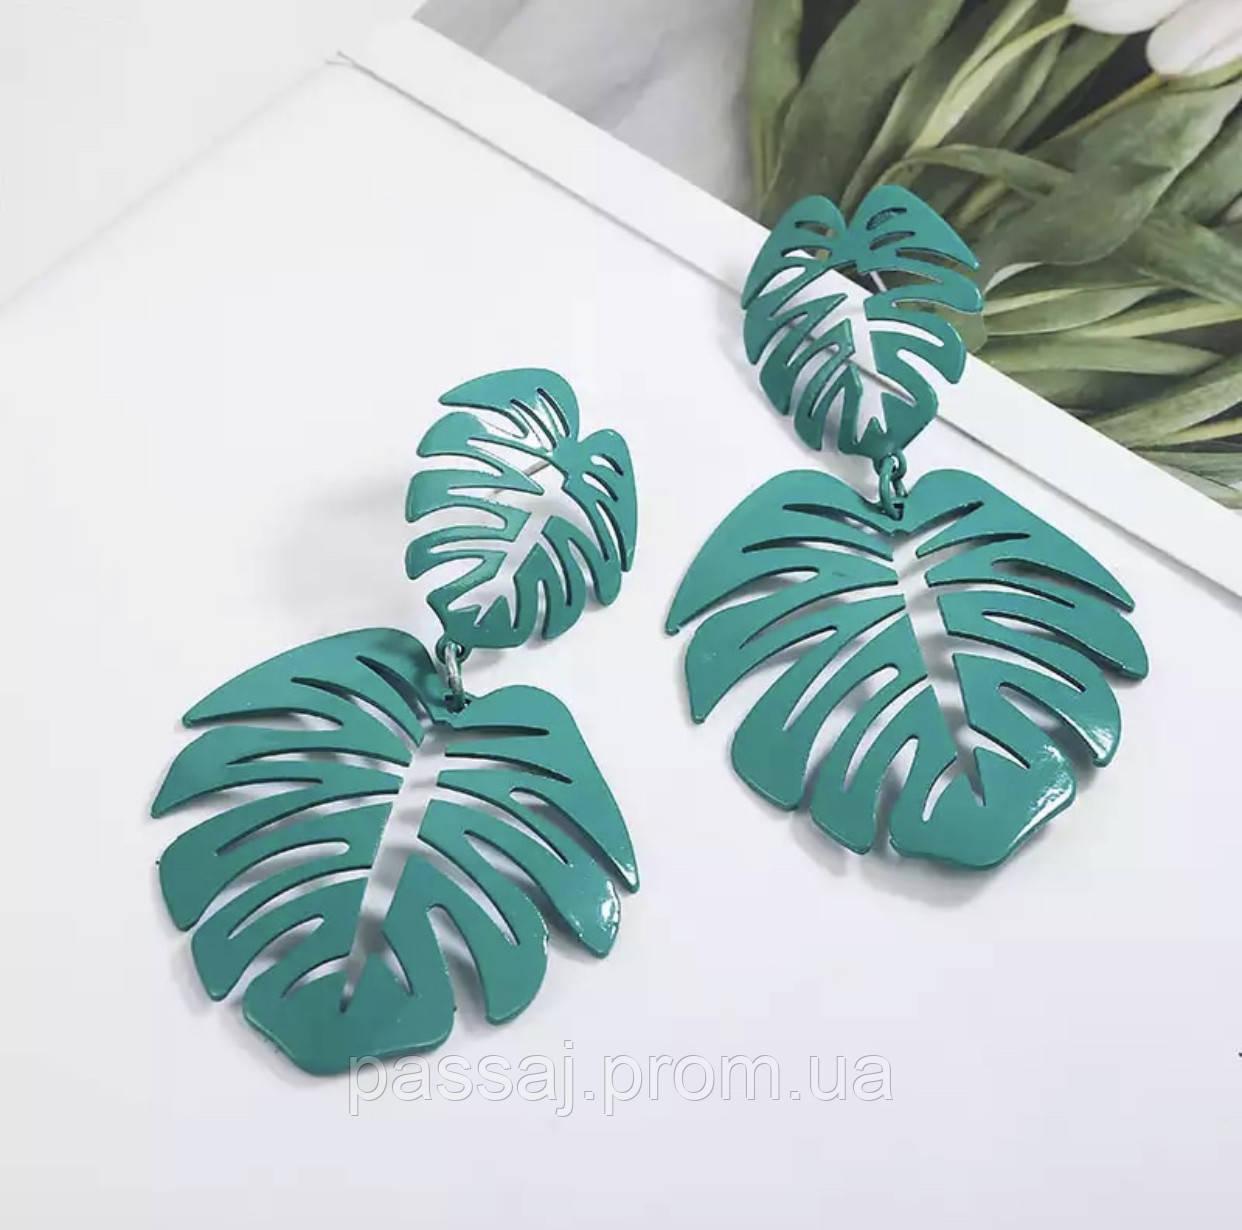 Серьги - гвоздики листья зеленого цвета